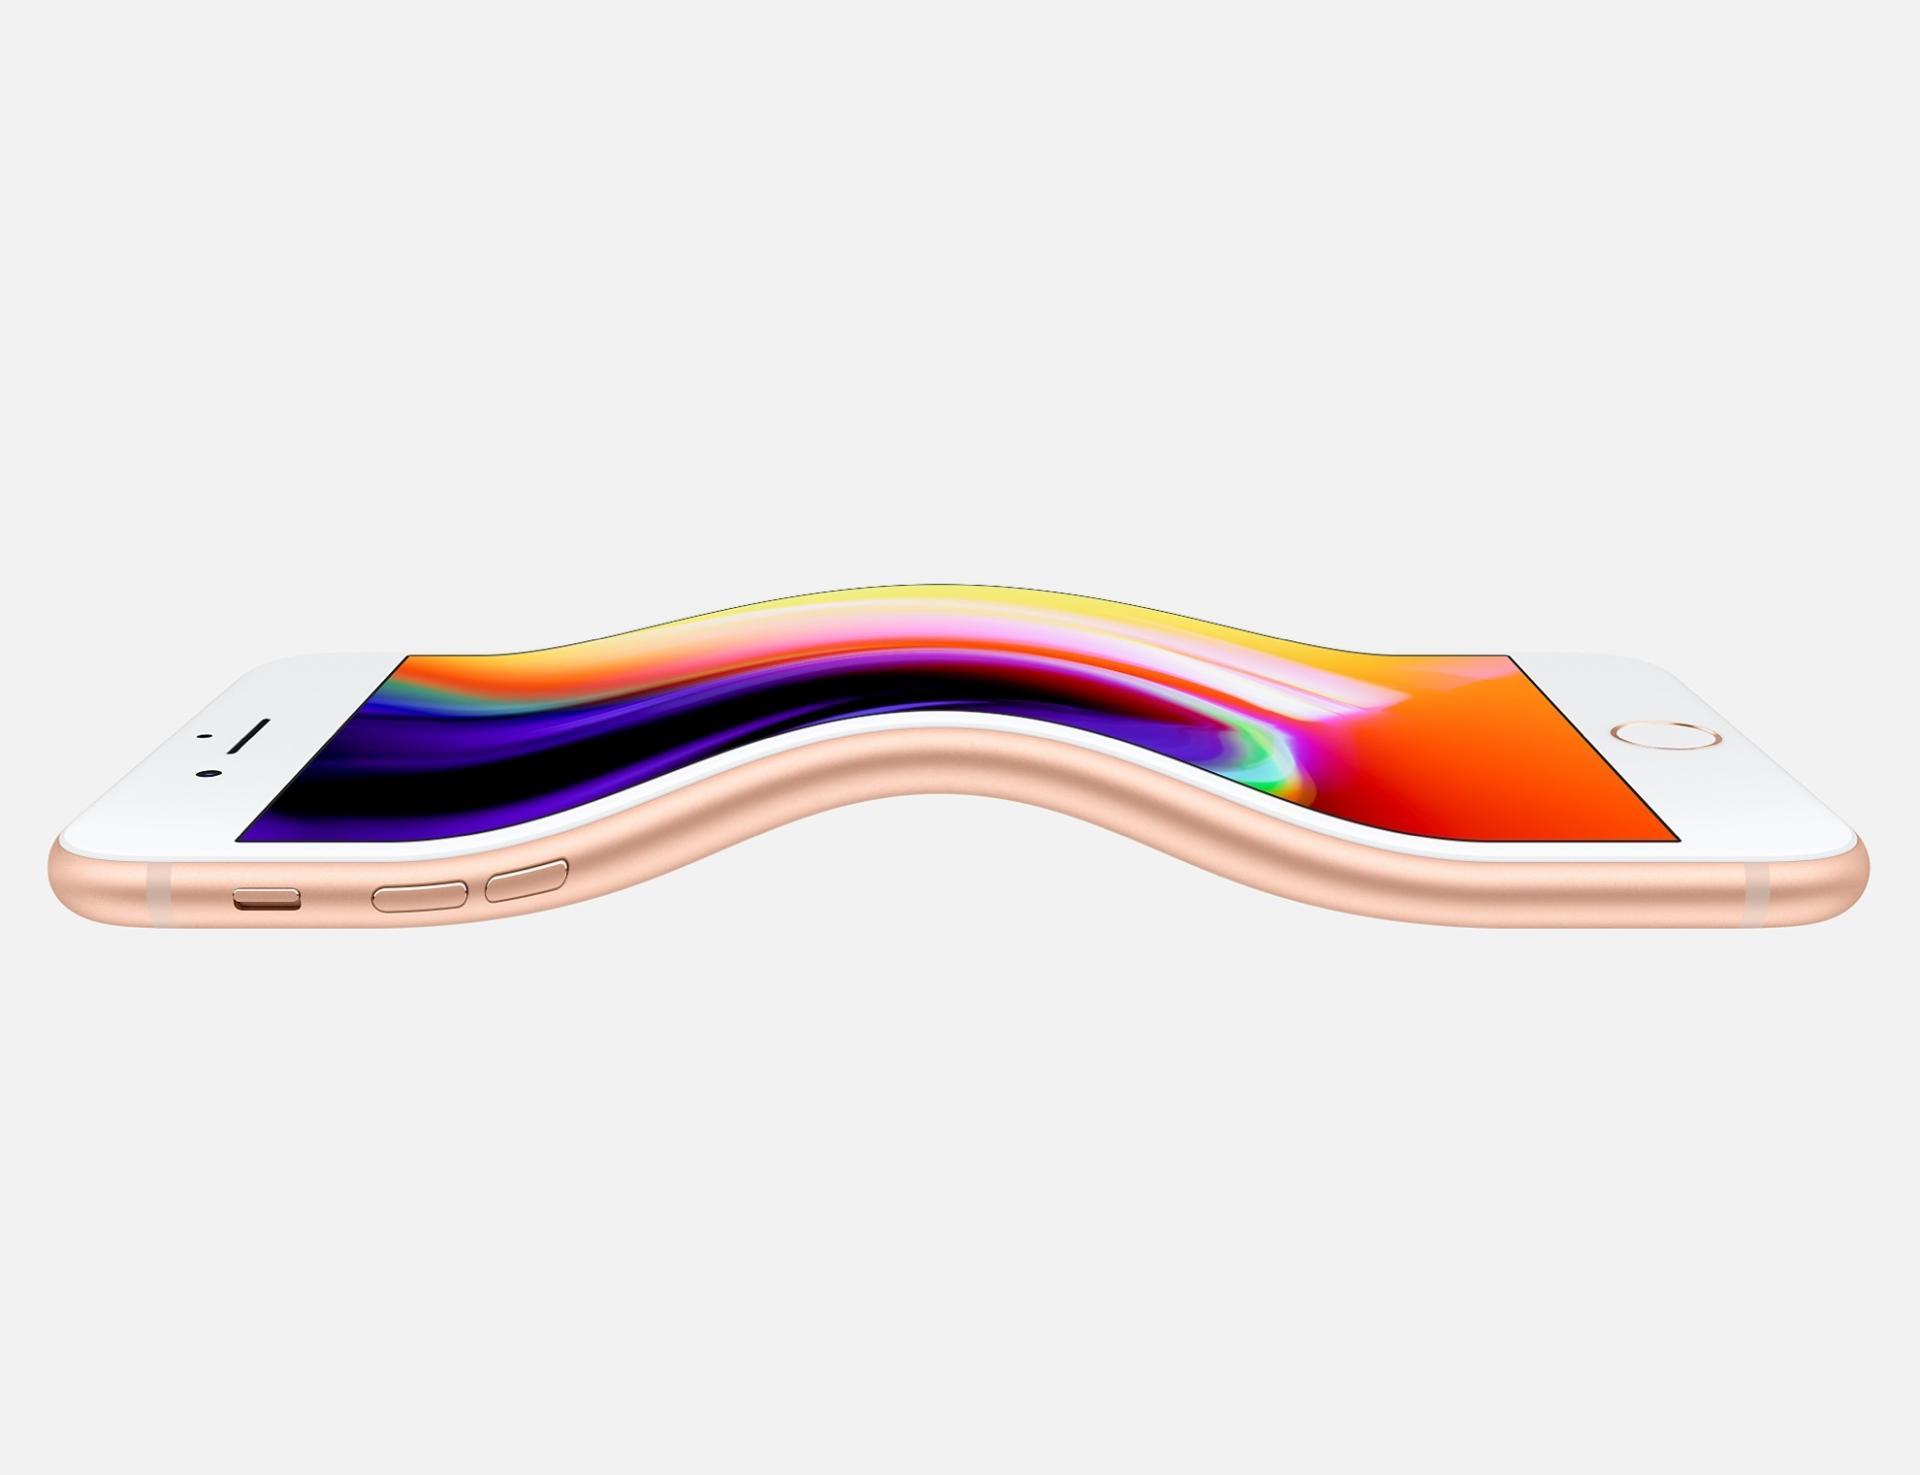 iPhone Pieghevole, Apple sceglie LG per lo schermo